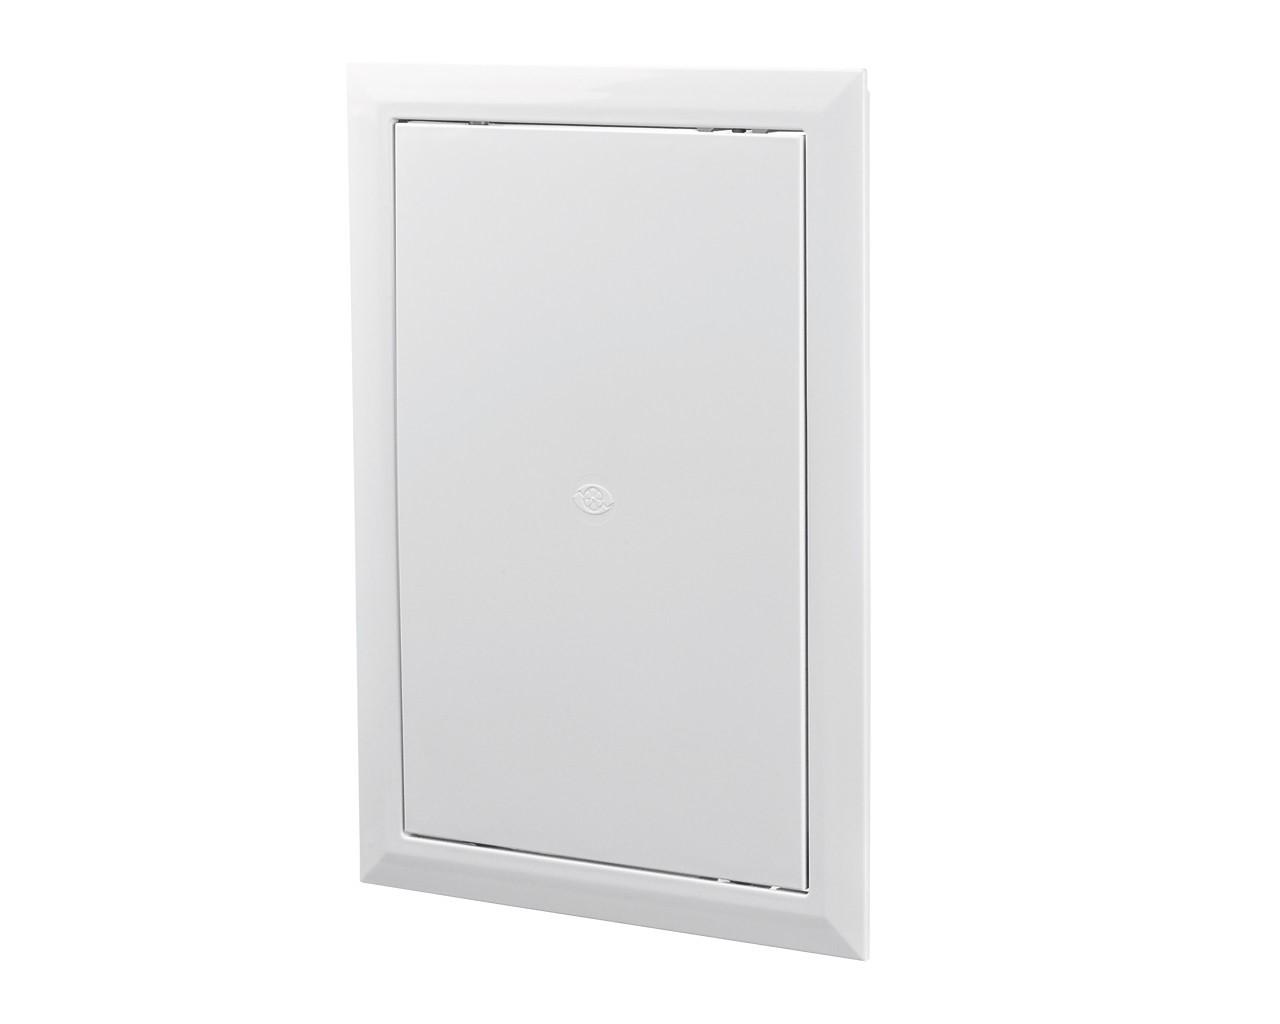 Ревізійна дверцята Д 200х250